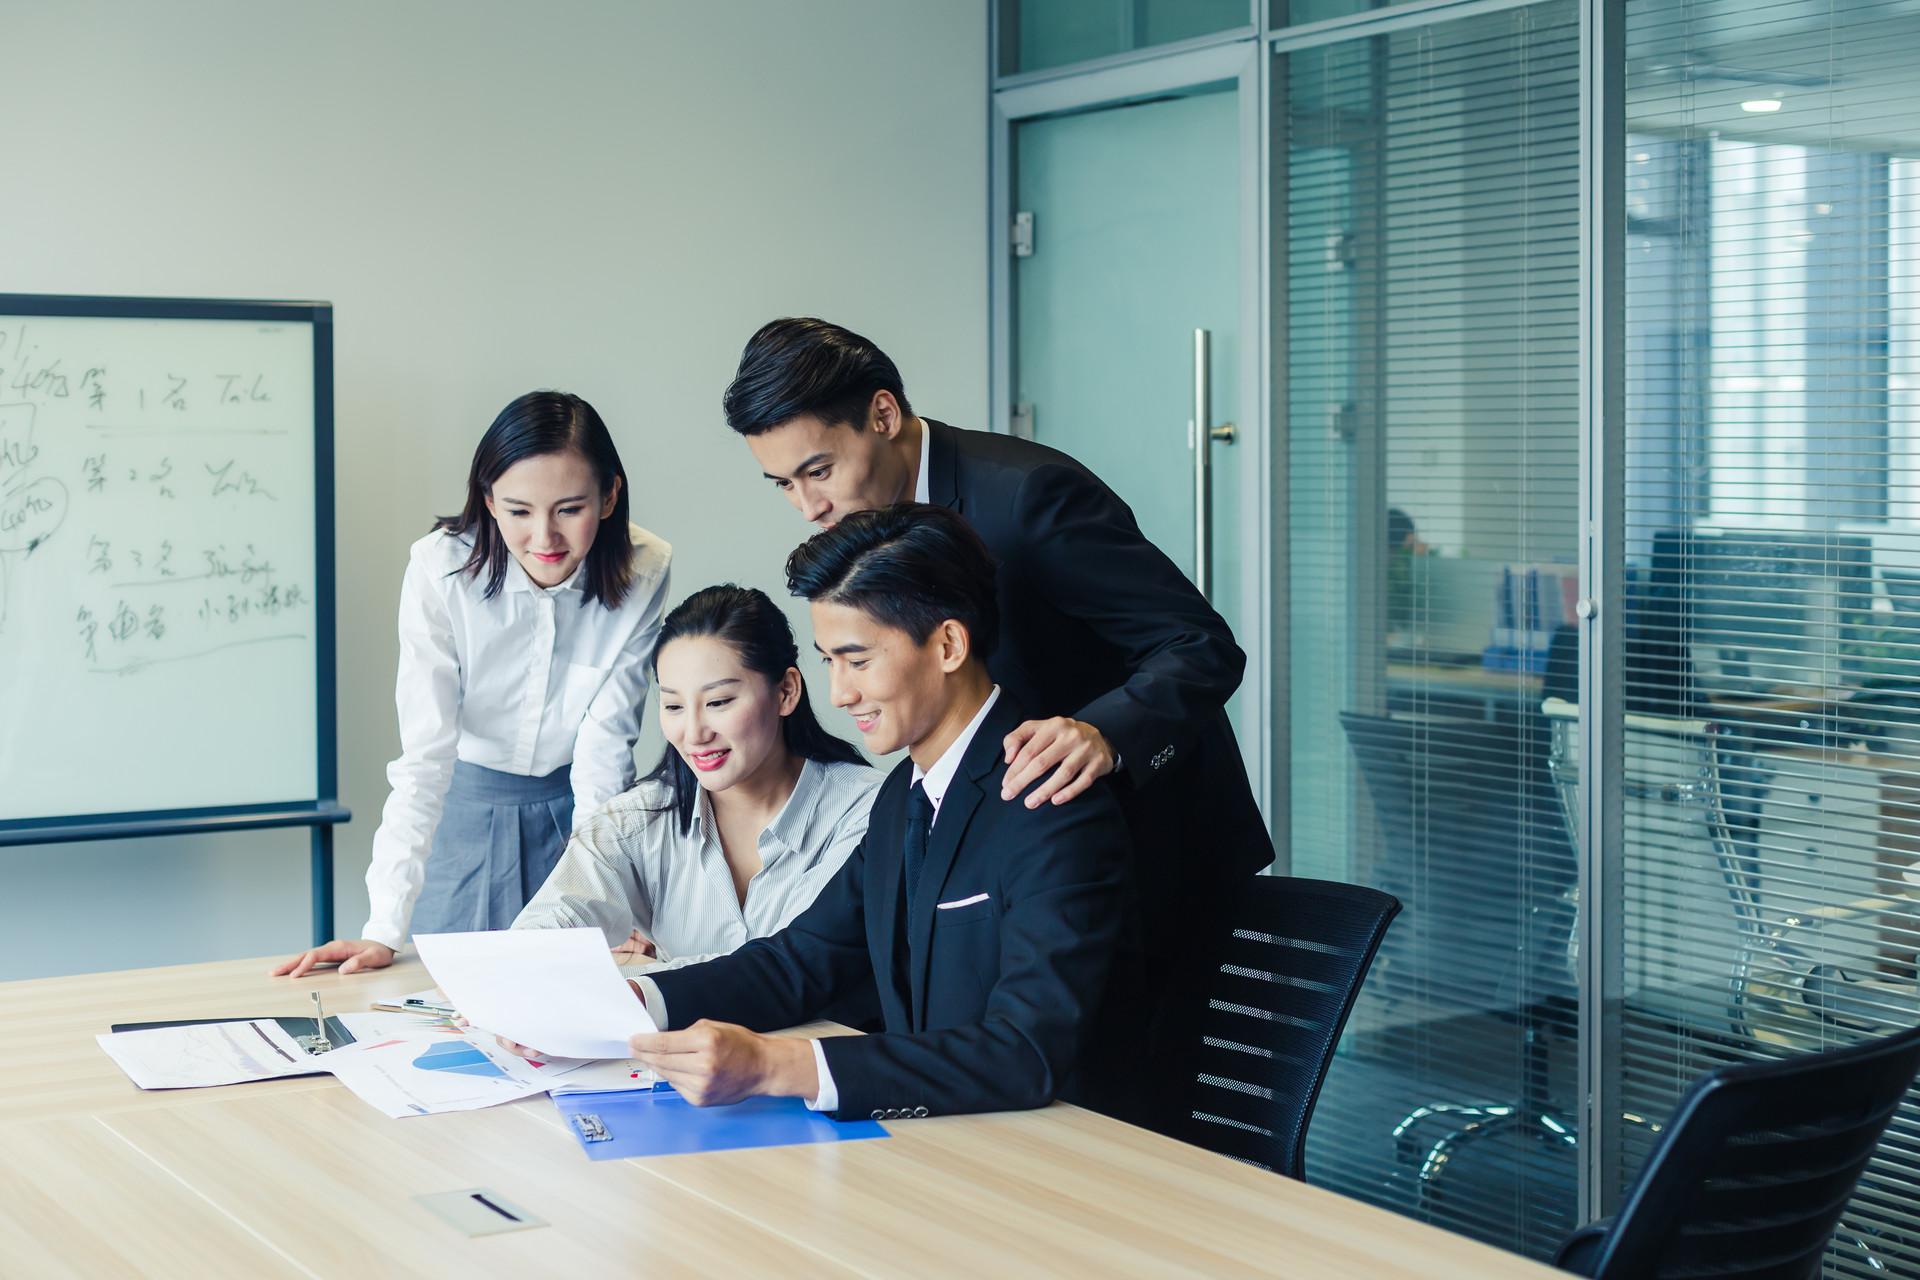 佛山社保代缴选择优质服务商 有哪几个重要参考项